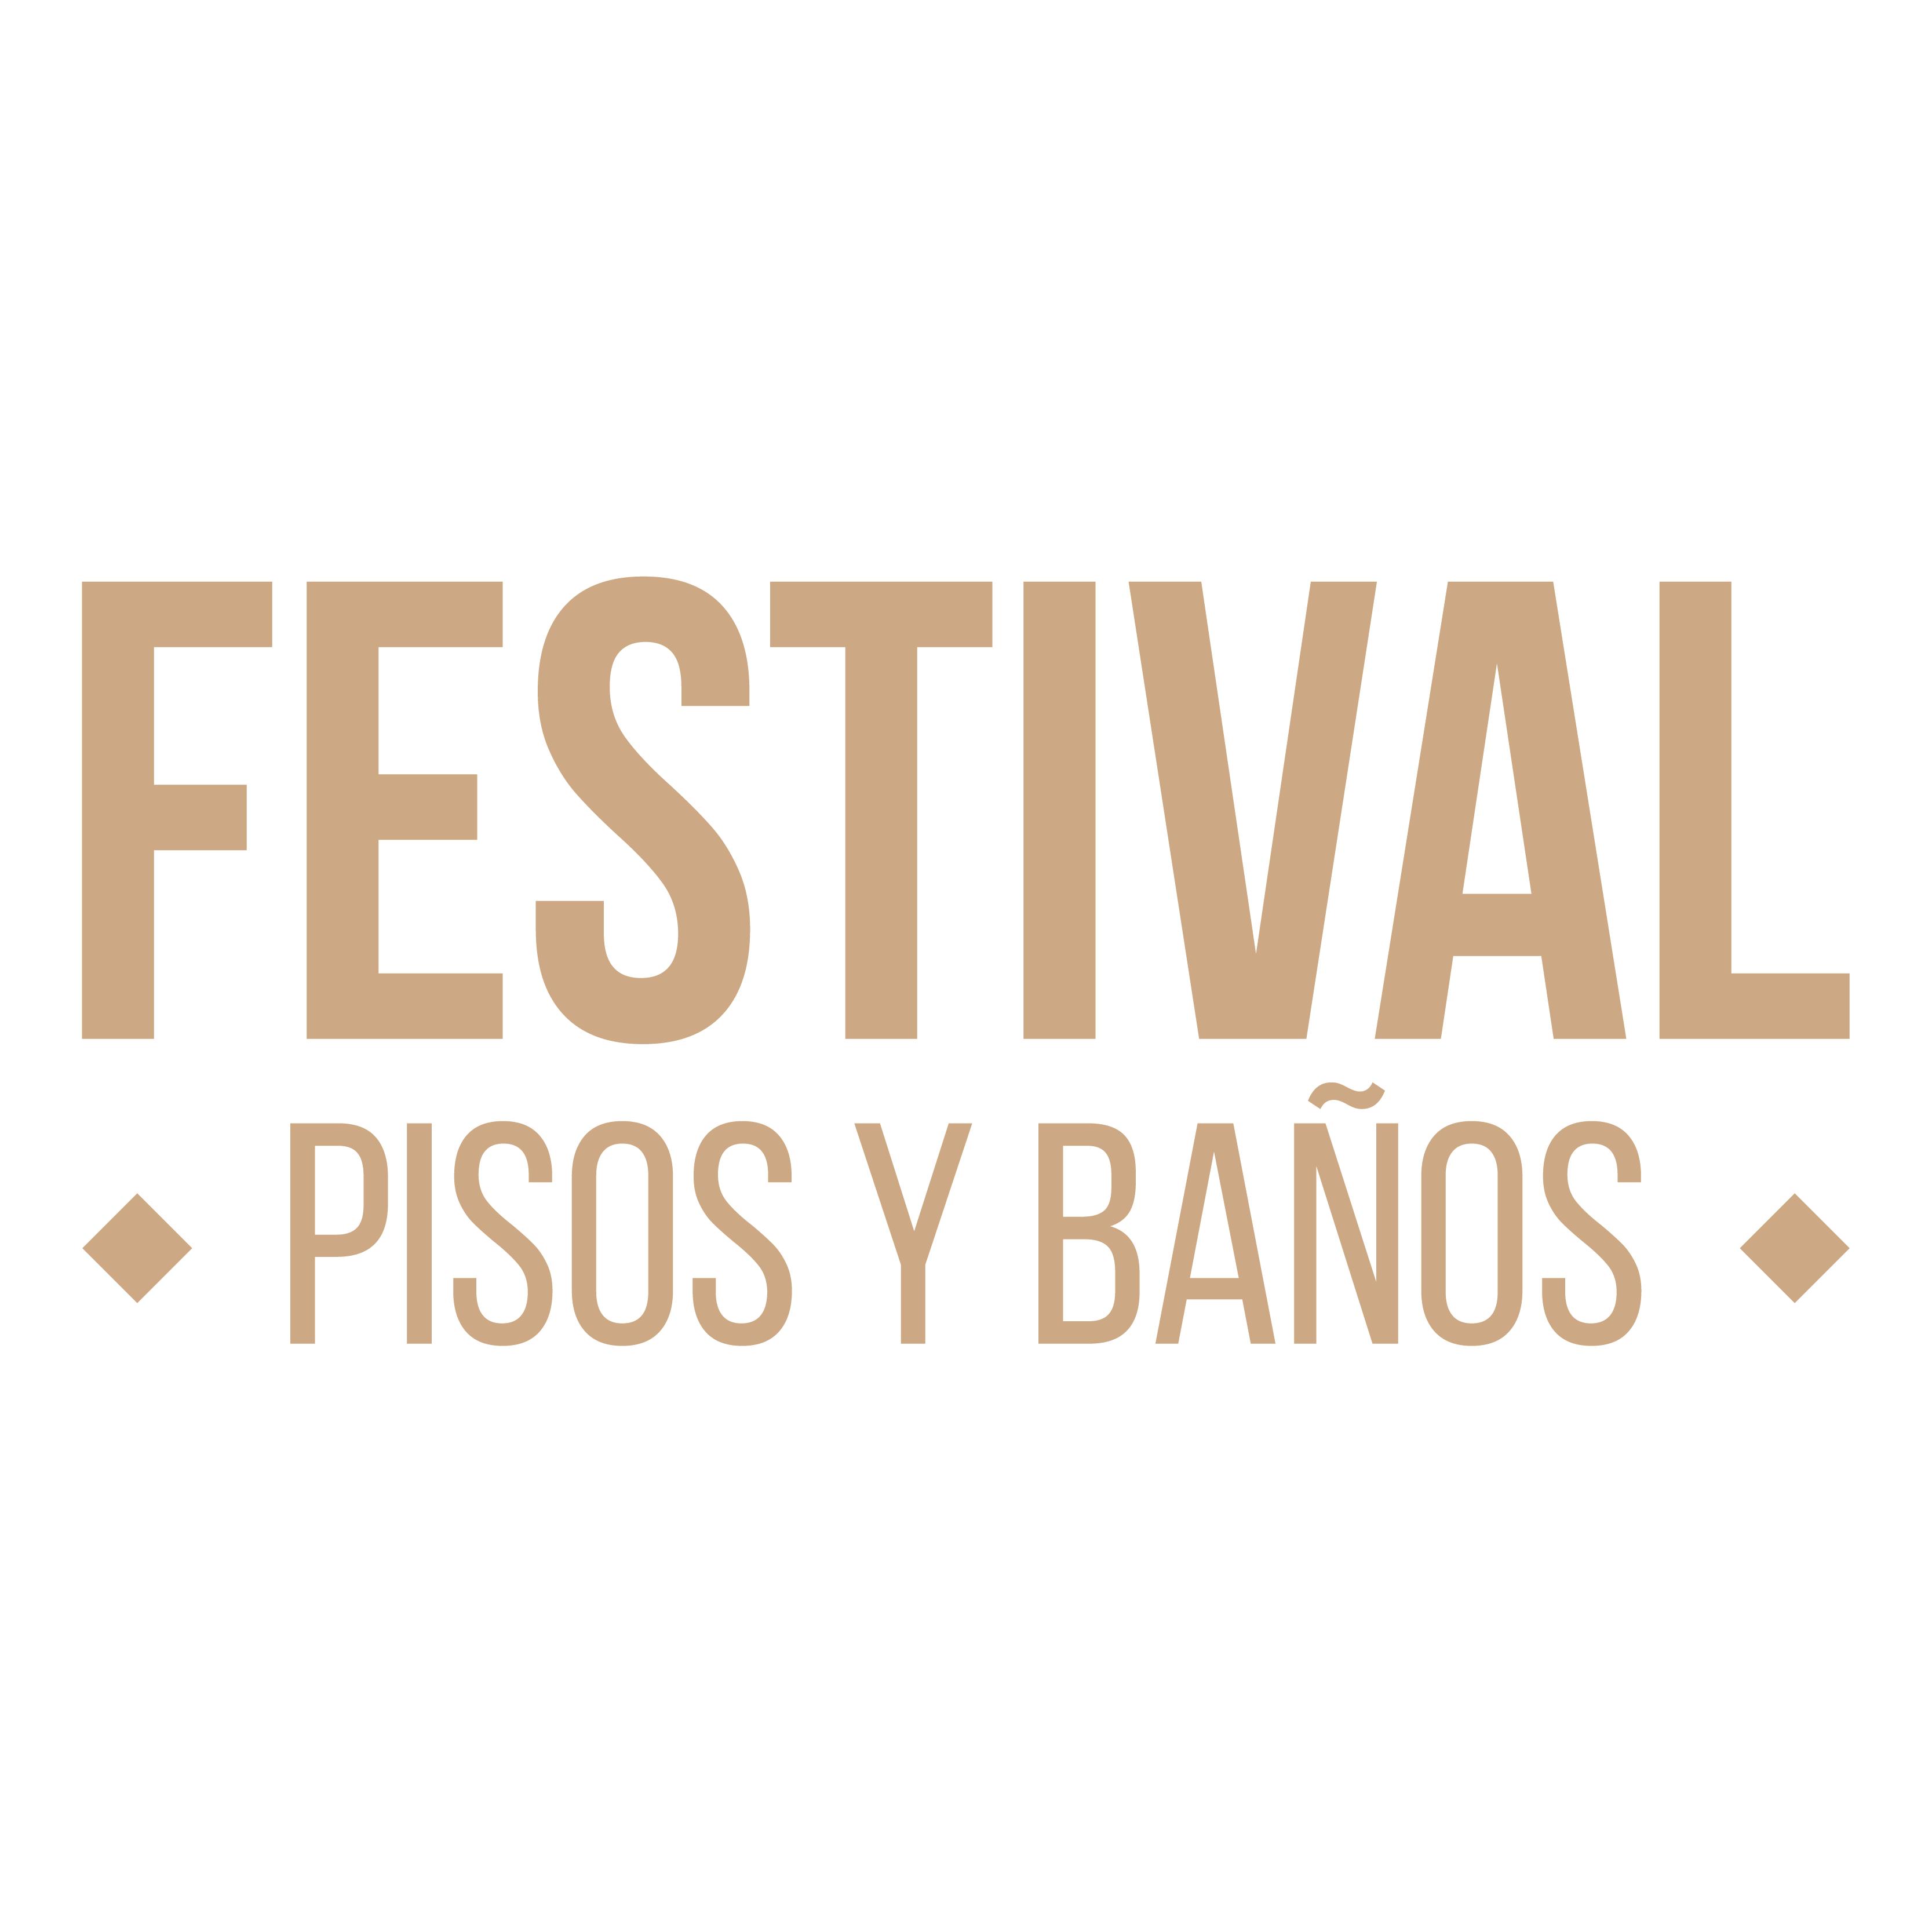 <strong>¡Festival Pisos, Baños y Pintura!</strong>